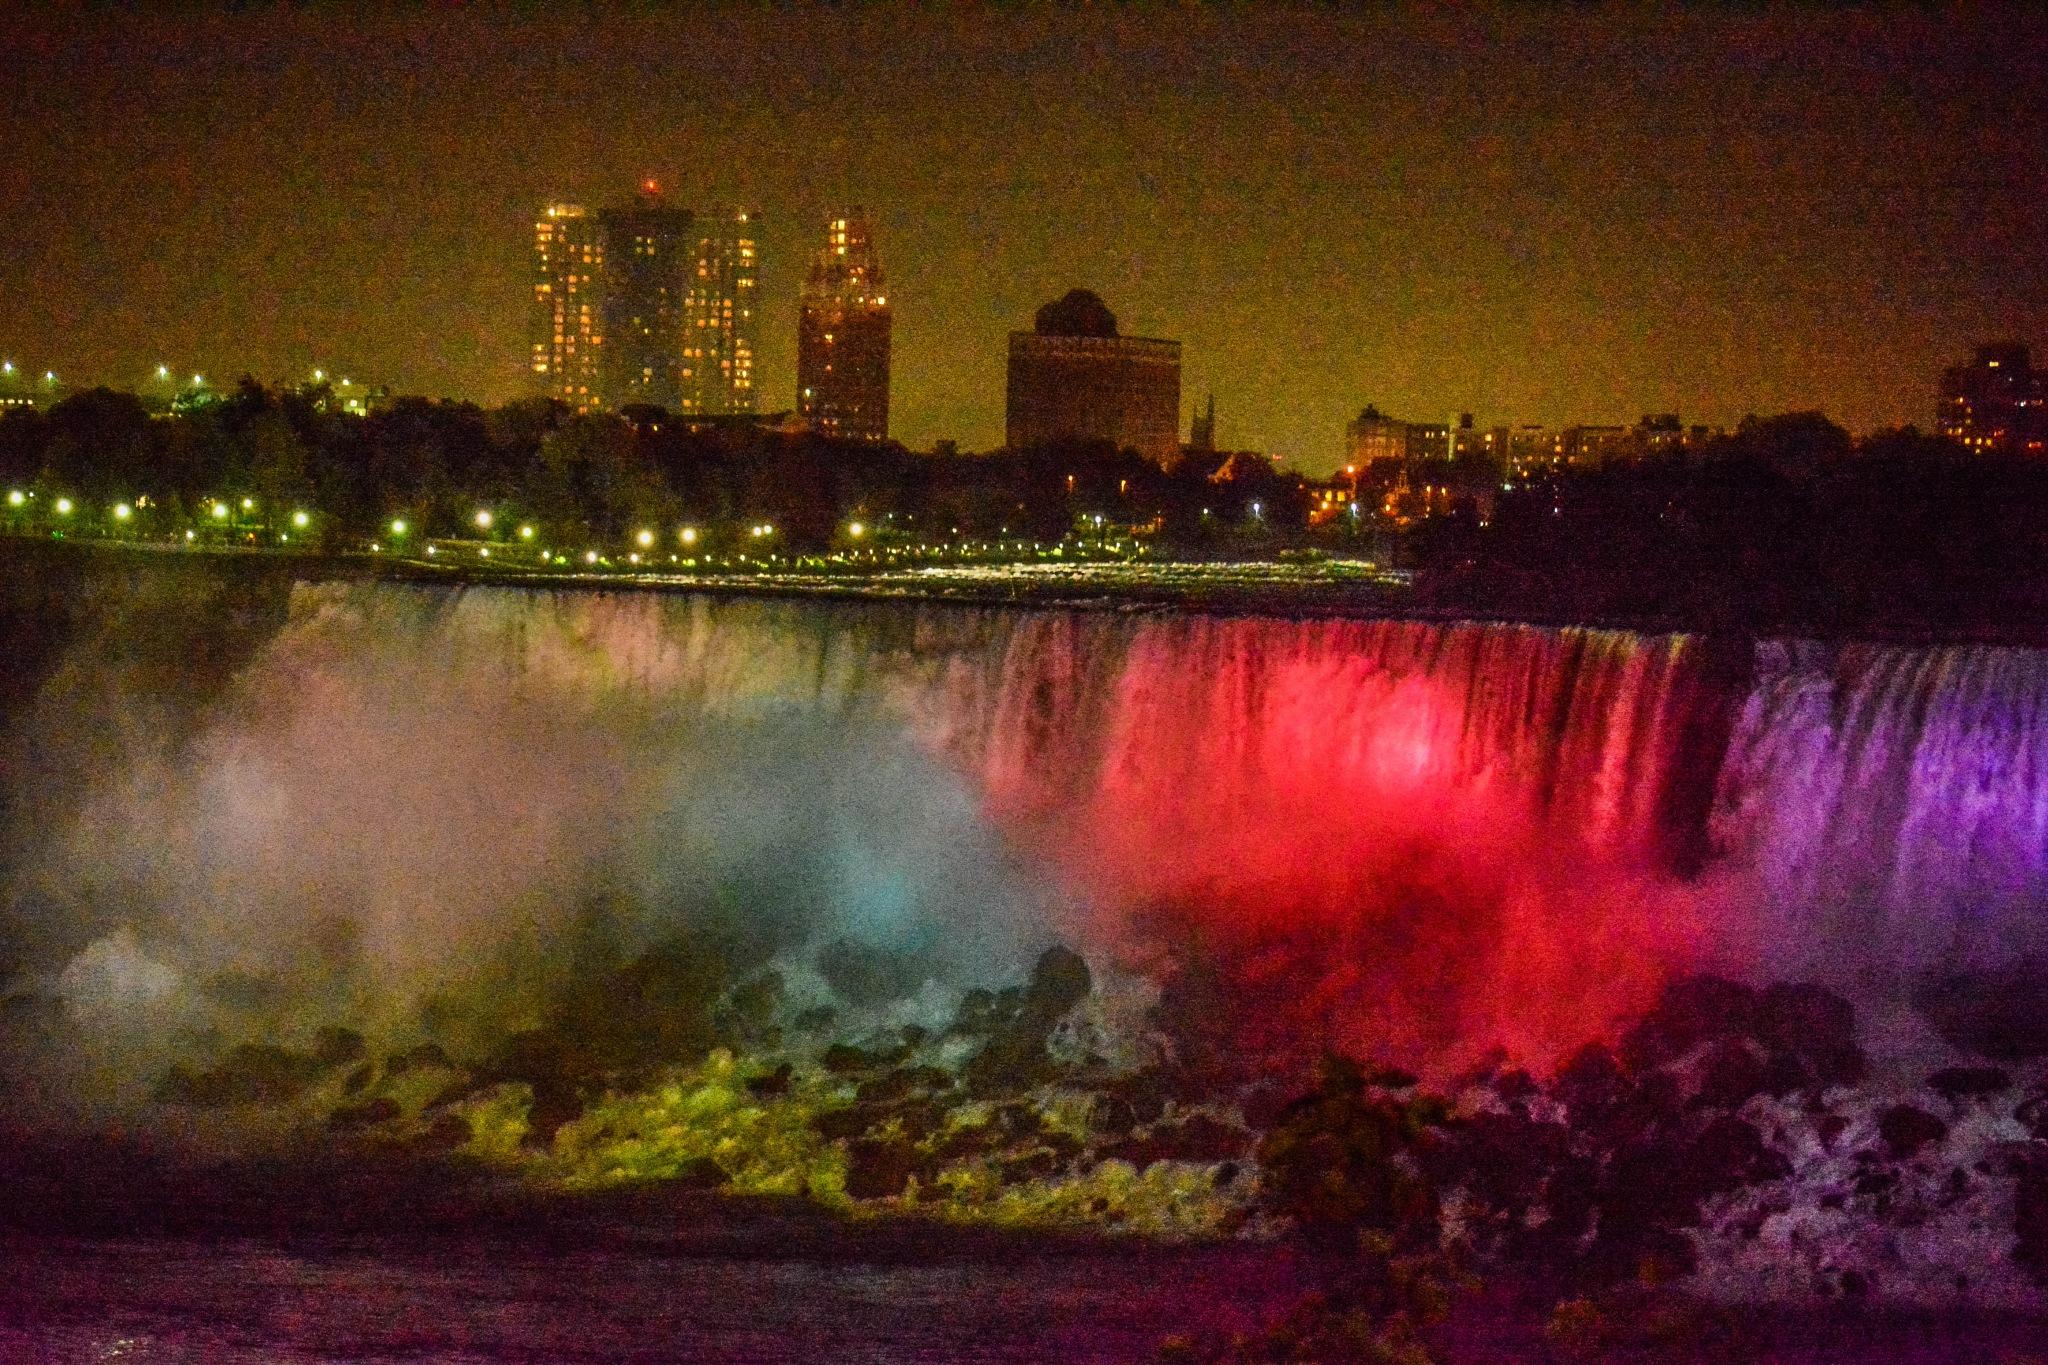 The US Falls at Night, Niagara. by Denys Peel